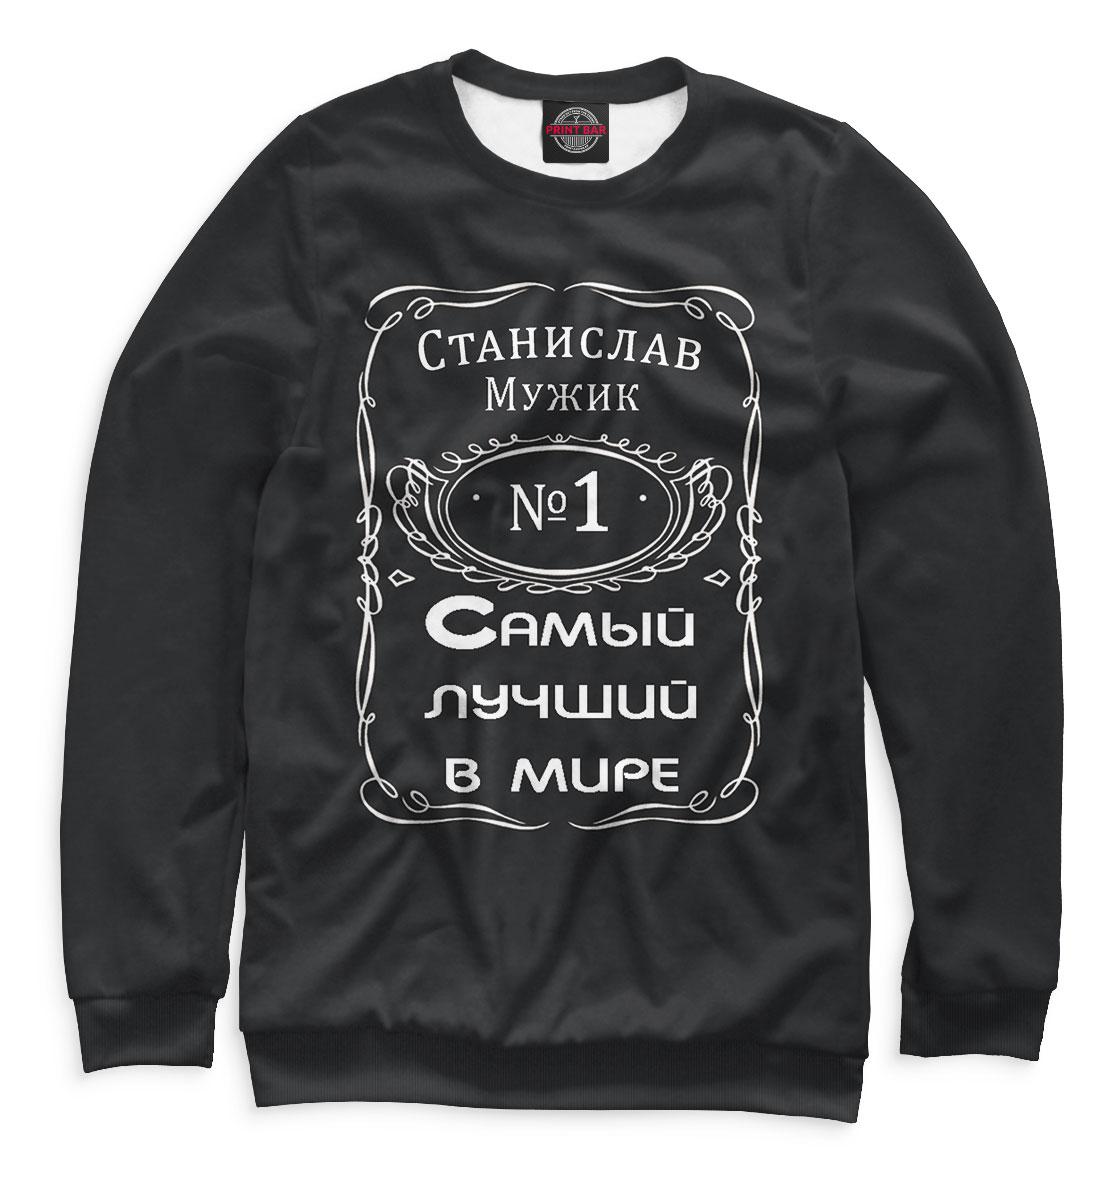 Купить Станислав — самый лучший в мире, Printbar, Свитшоты, IMR-725083-swi